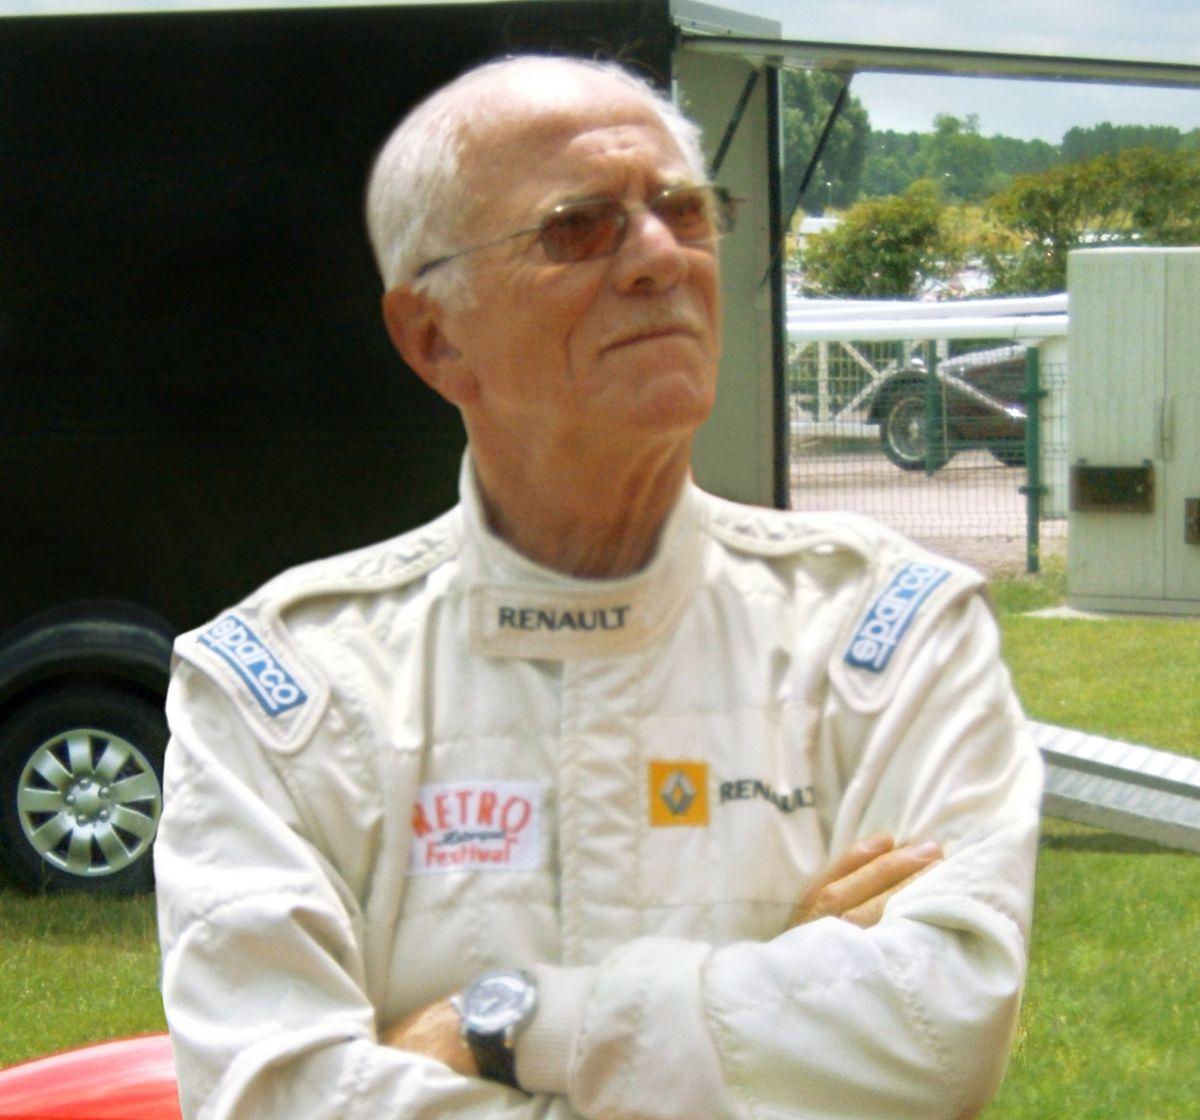 Jean-Pierre Jaussaud blev for alvor kendt, da han vandt Le Mans for første gang i 1978. Foto: Wikimedia